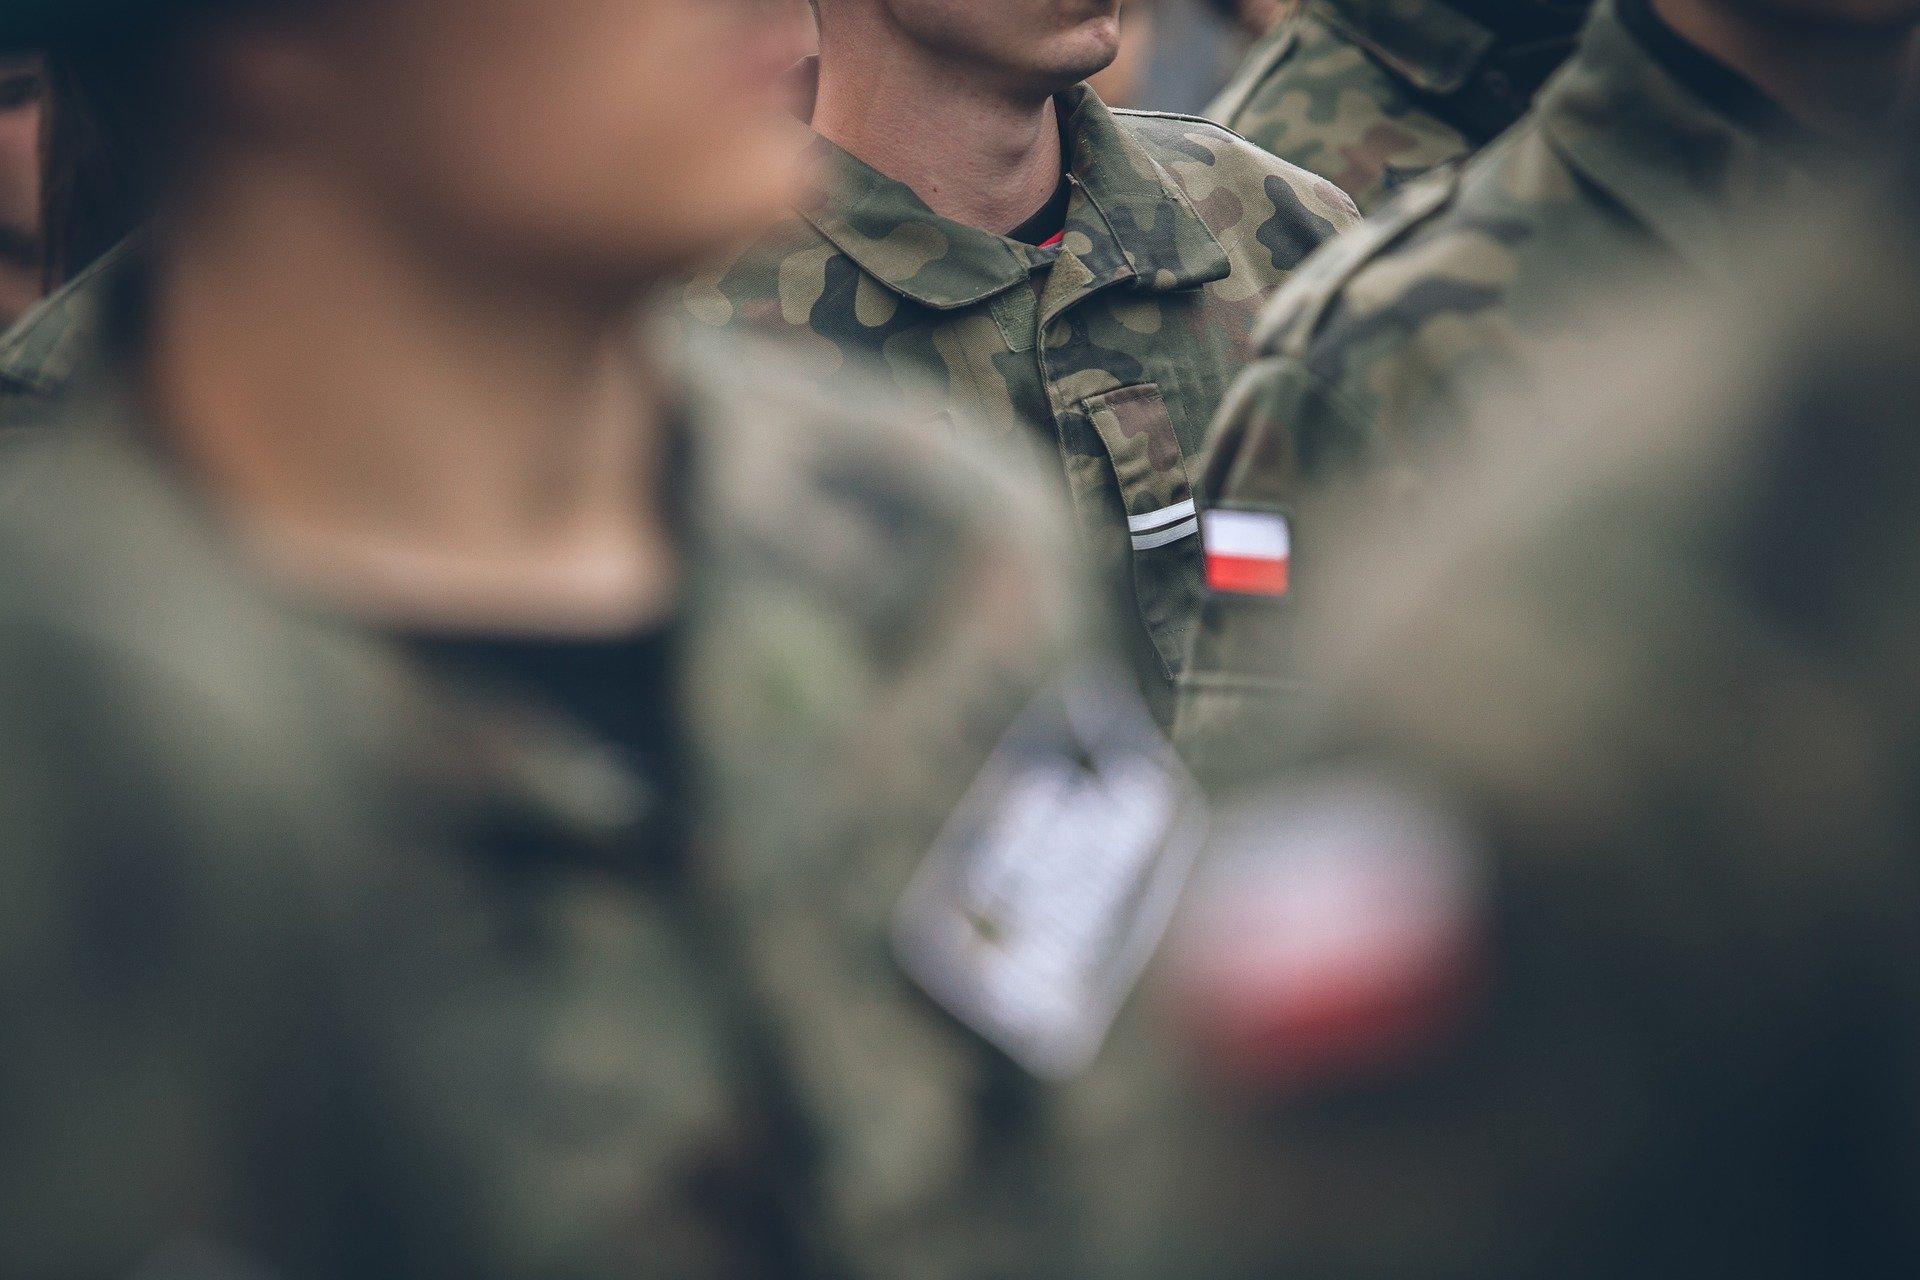 Kwalifikacje wojskowe